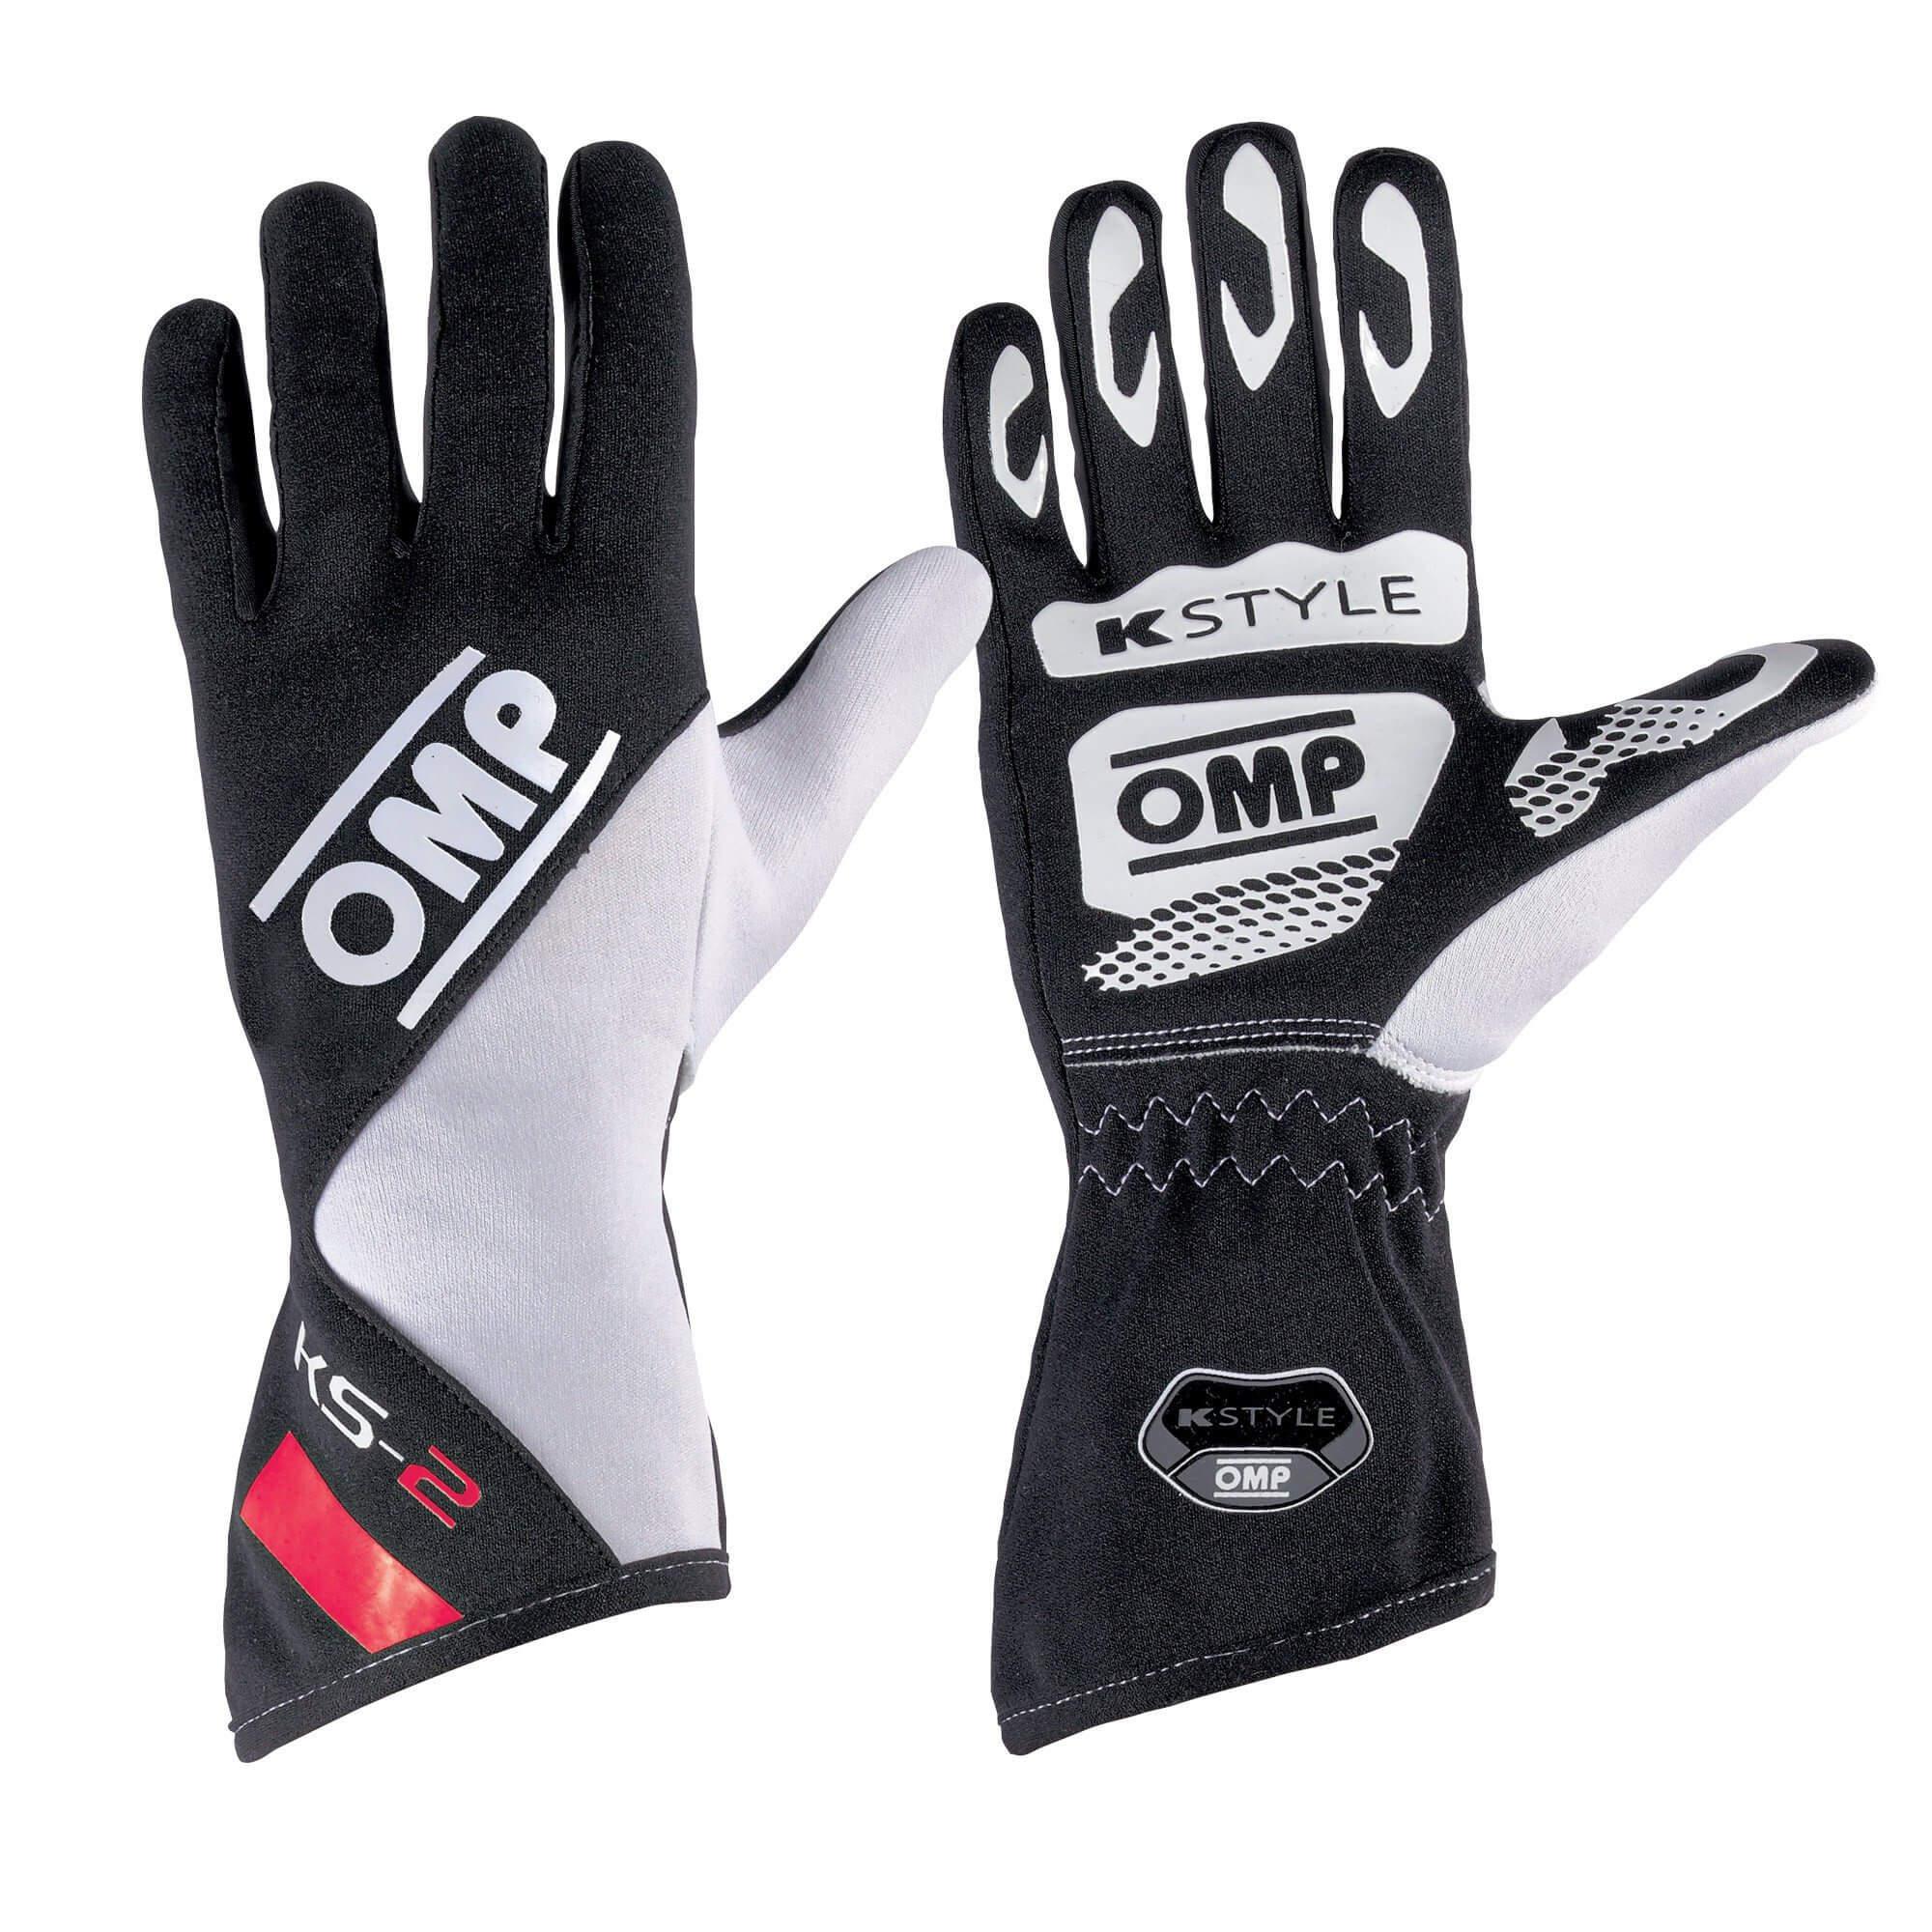 Omp Sport Gloves: OMP KS-3 Kart Gloves